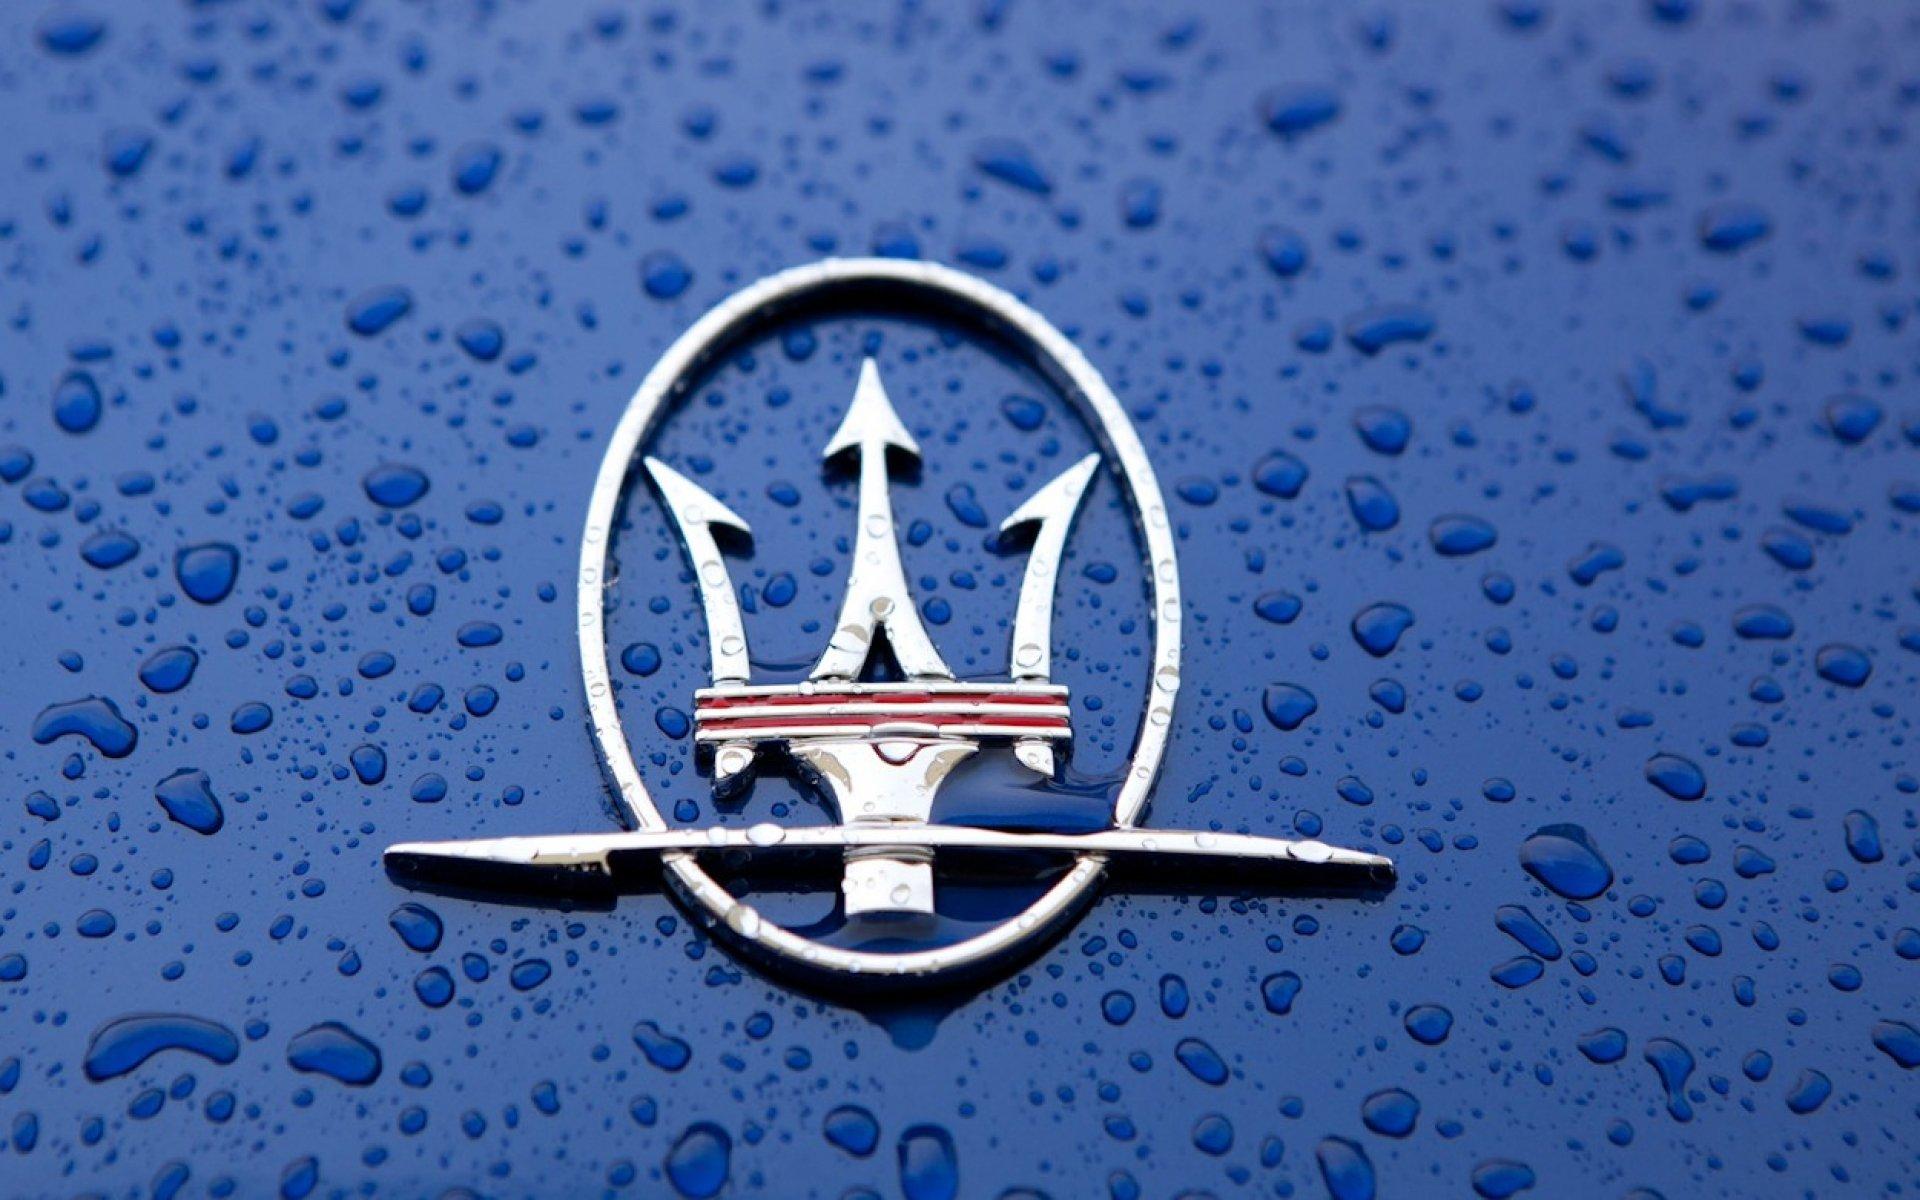 Beretta Grip Emblem 3 Arrow Trident Logo fits on most of Beretta Grips